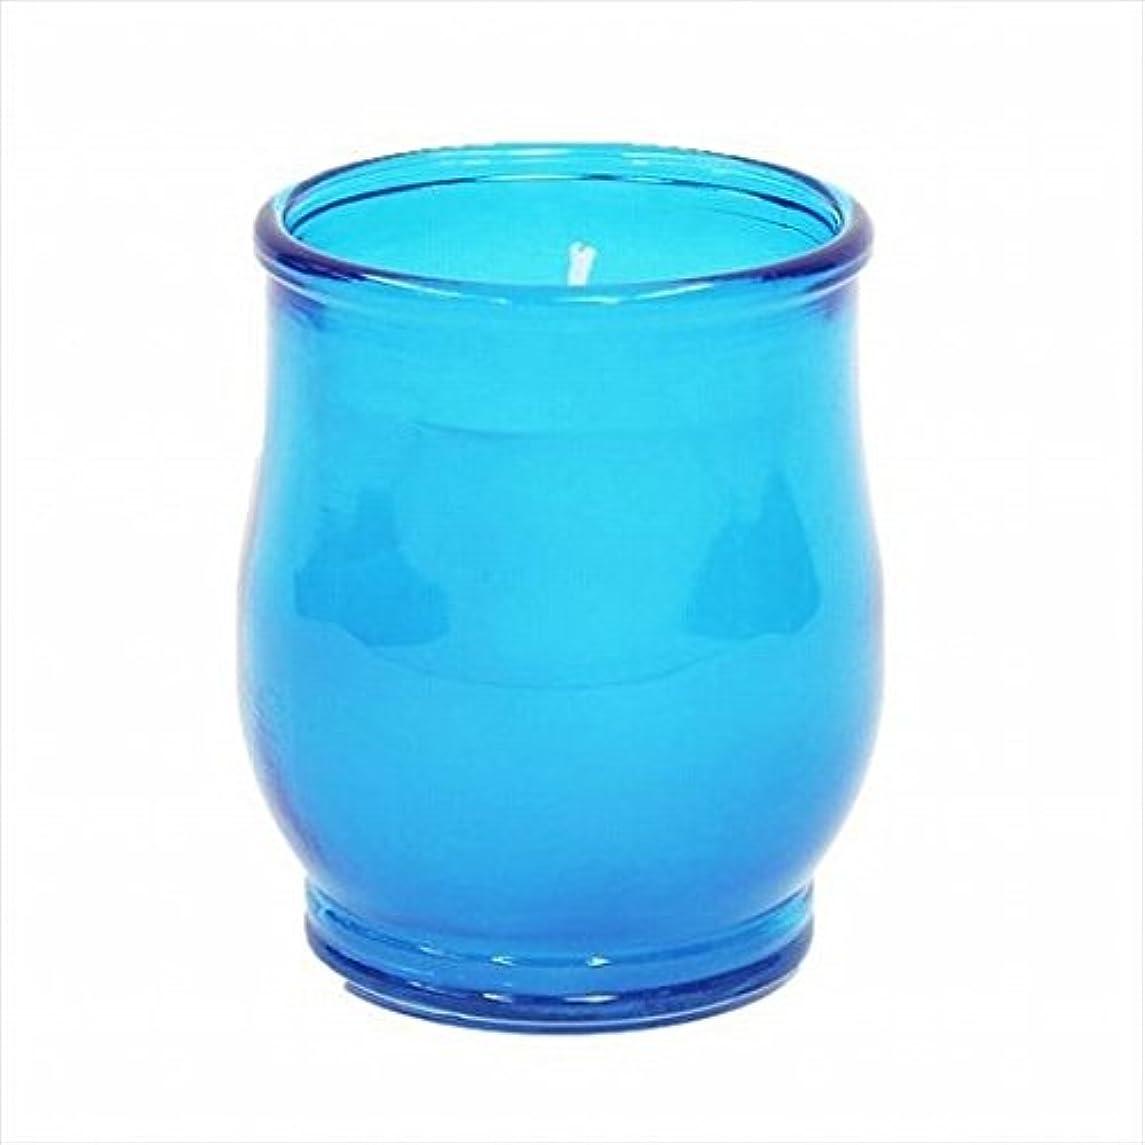 凝視スノーケル鈍いkameyama candle(カメヤマキャンドル) ポシェ(非常用コップローソク) 「 ブルー 」 キャンドル 68x68x80mm (73020000BL)